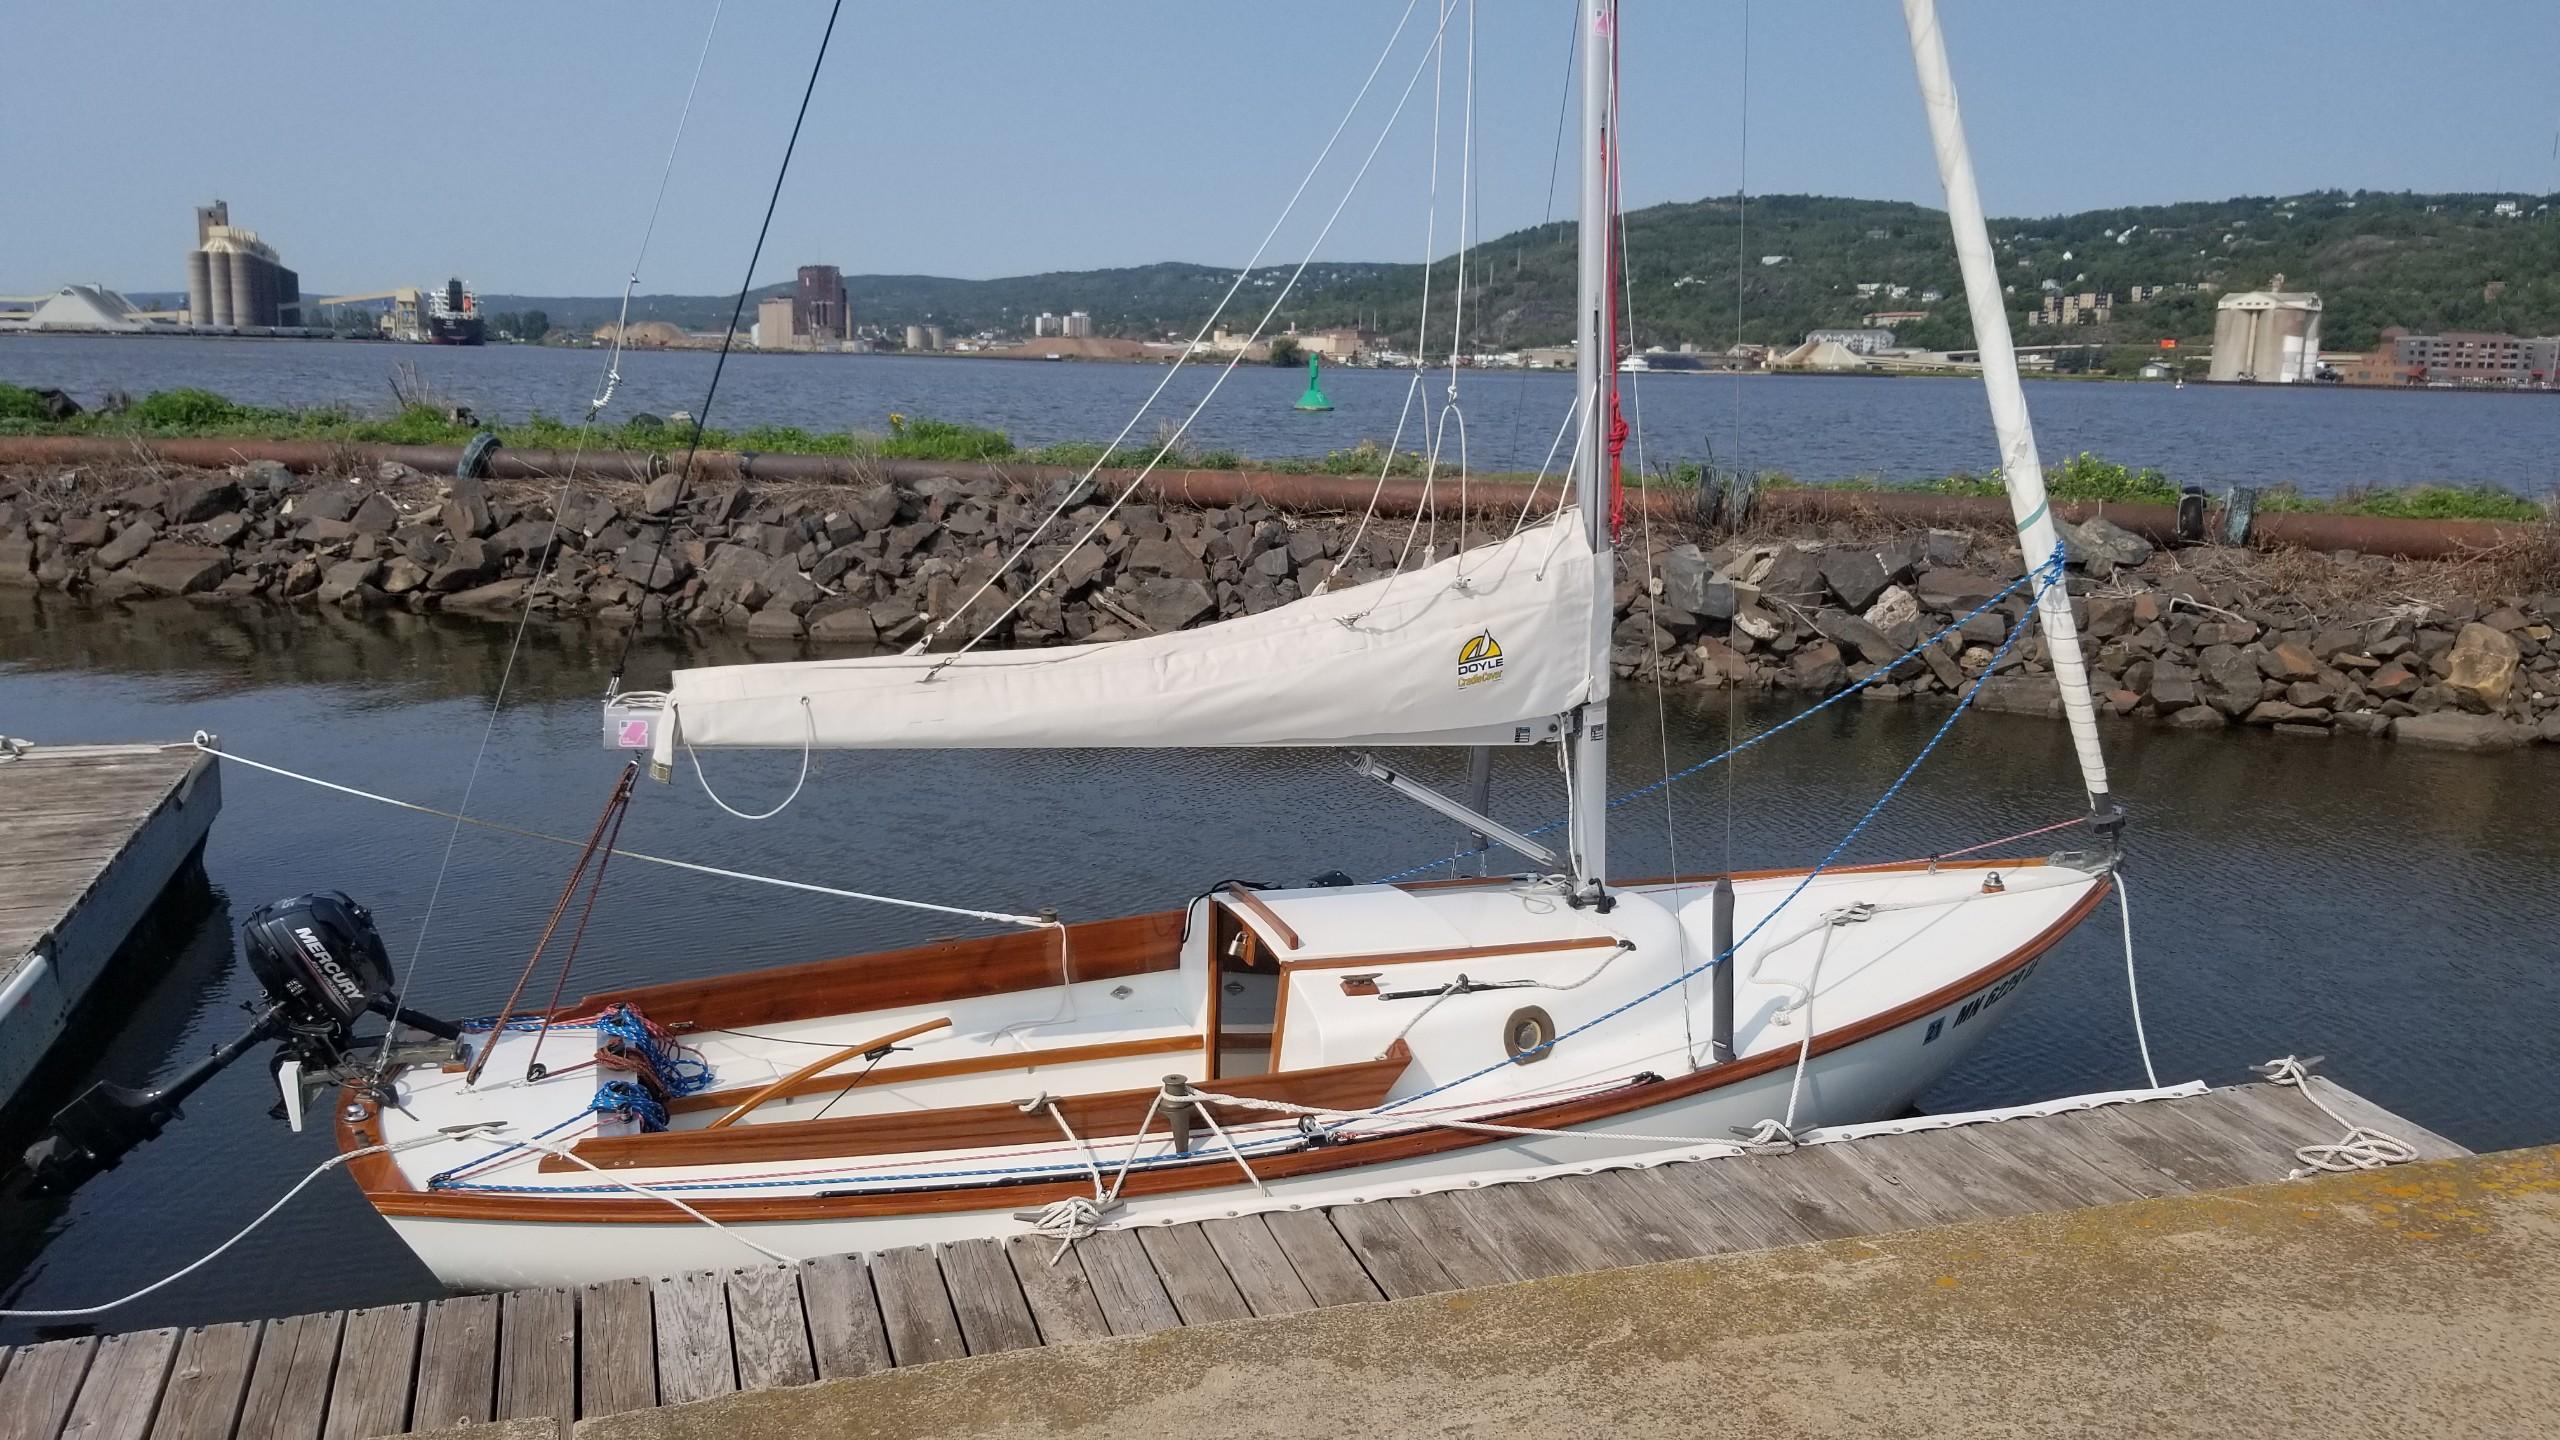 Julian Boatworks Alberg Typhoon restoration side view.